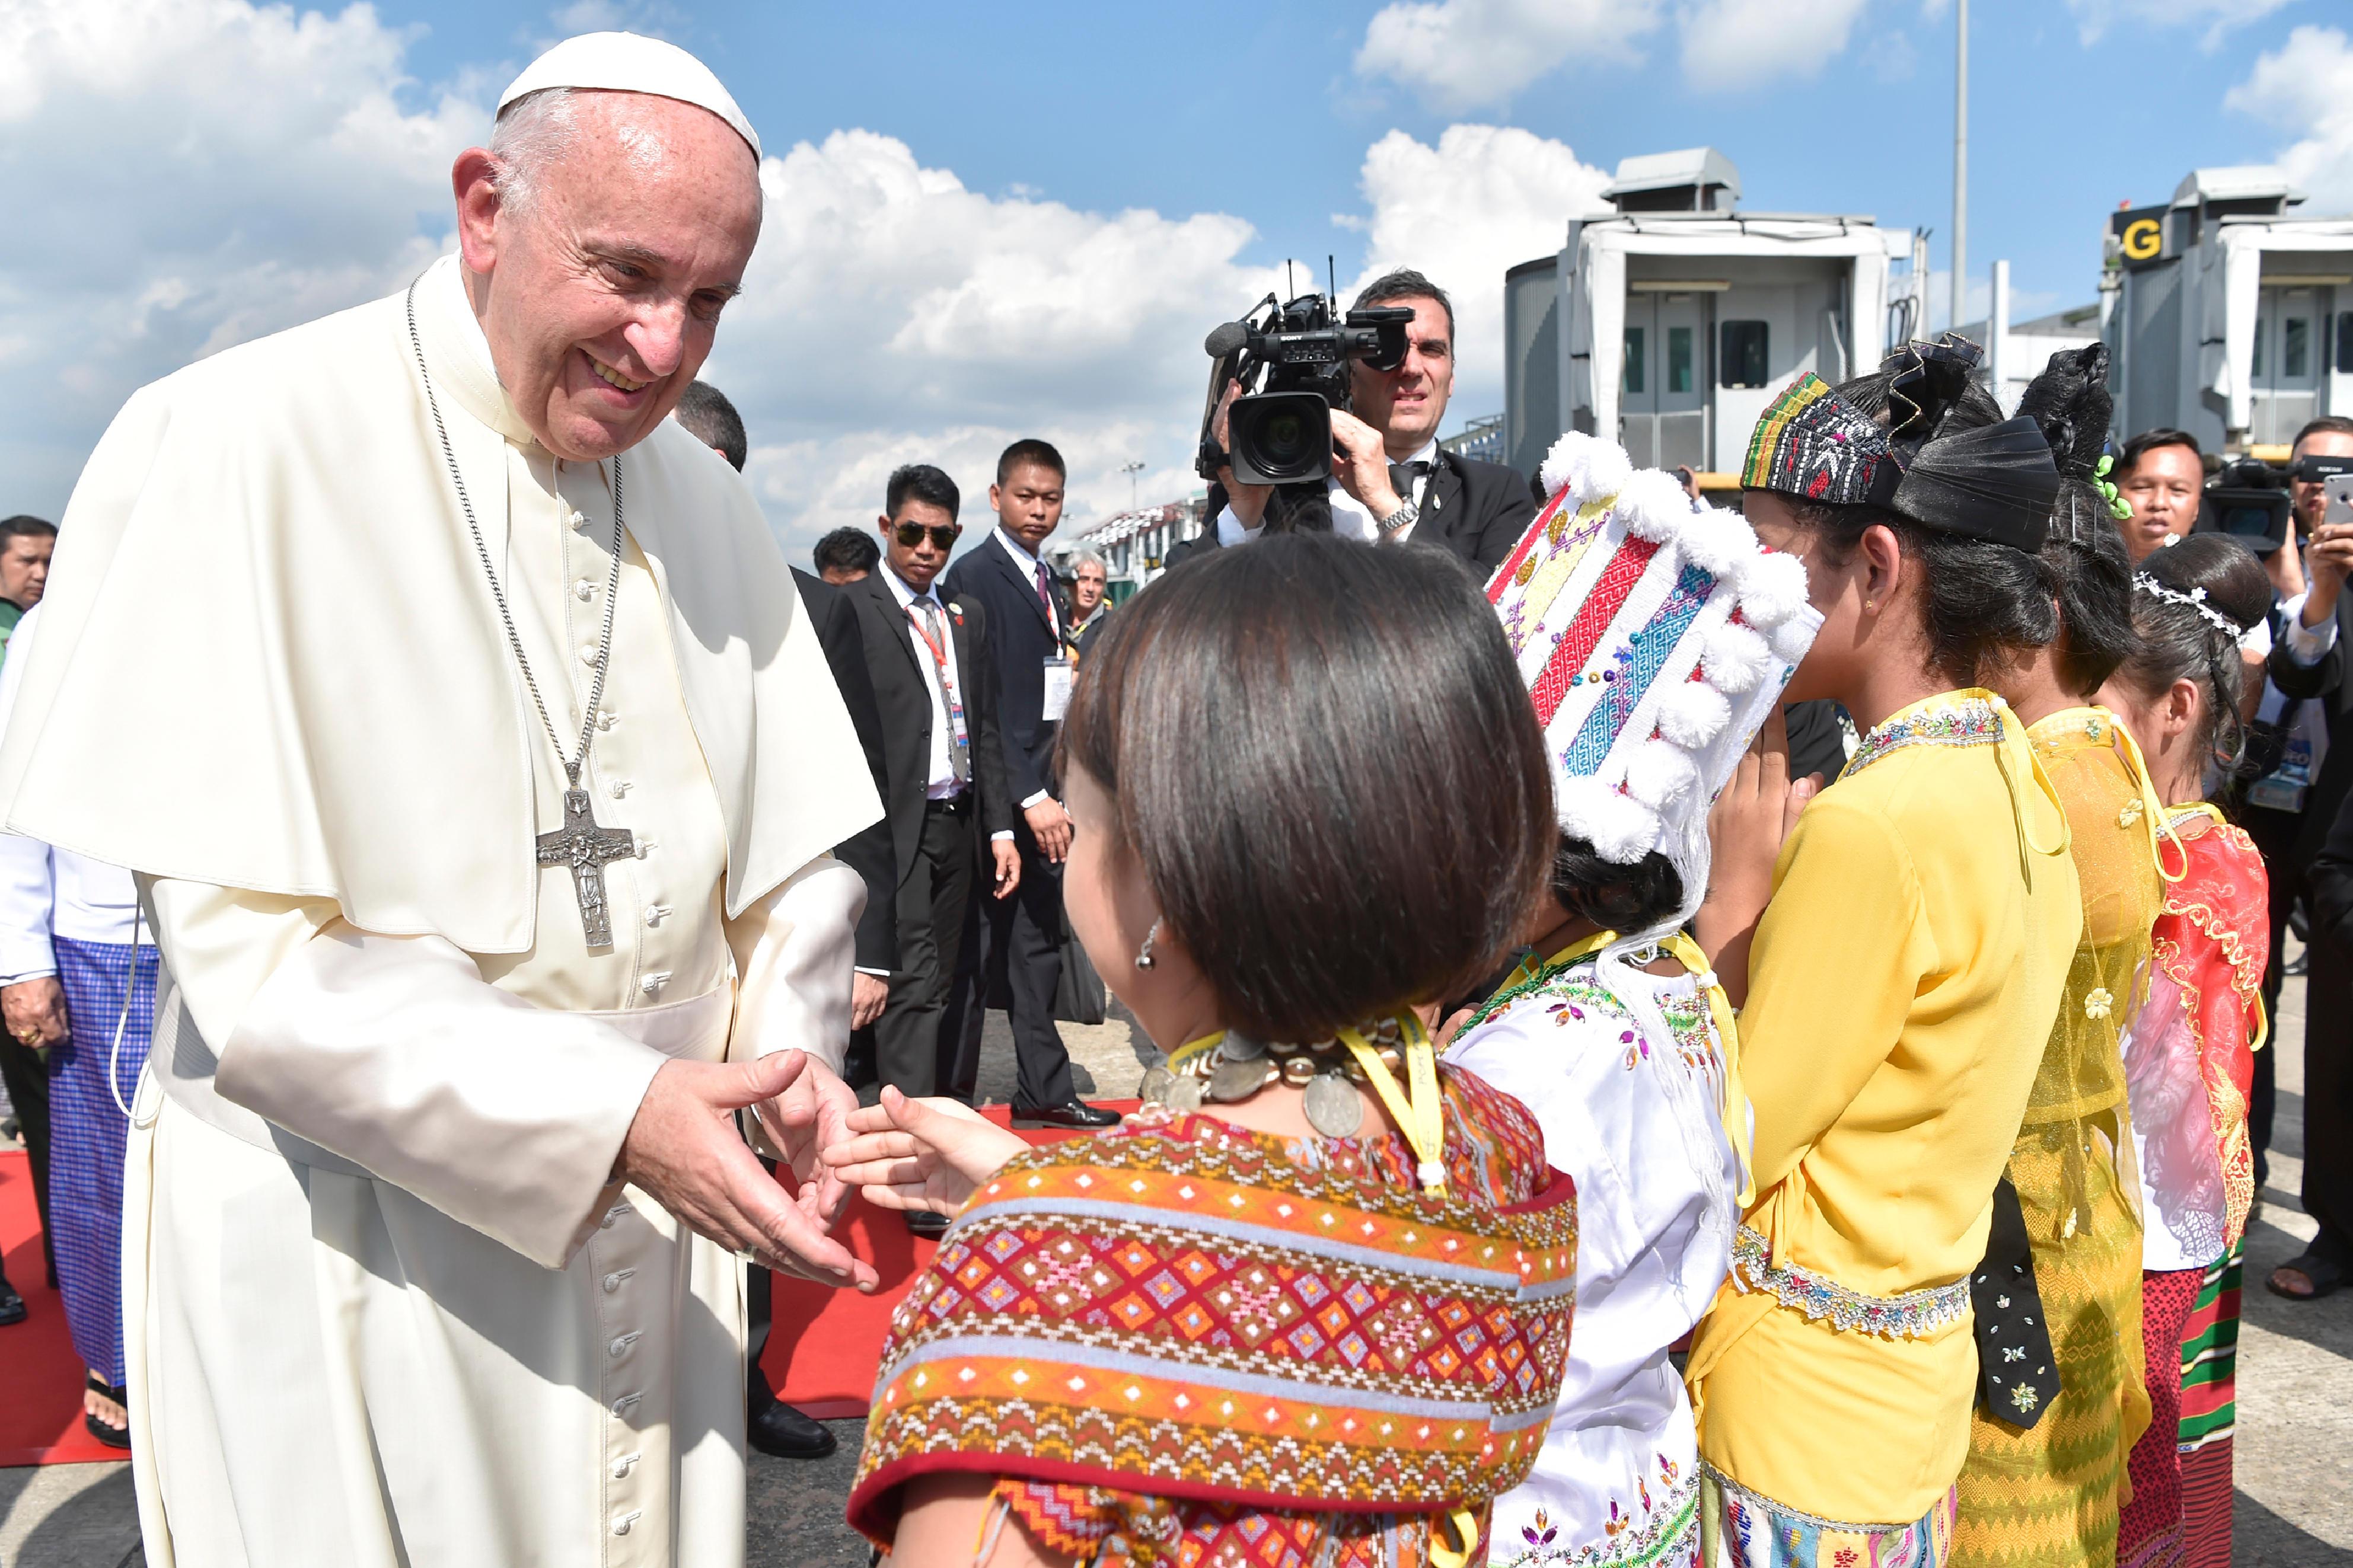 Arrivée du pape à Yangon, Myanmar © L'Osservatore Romano